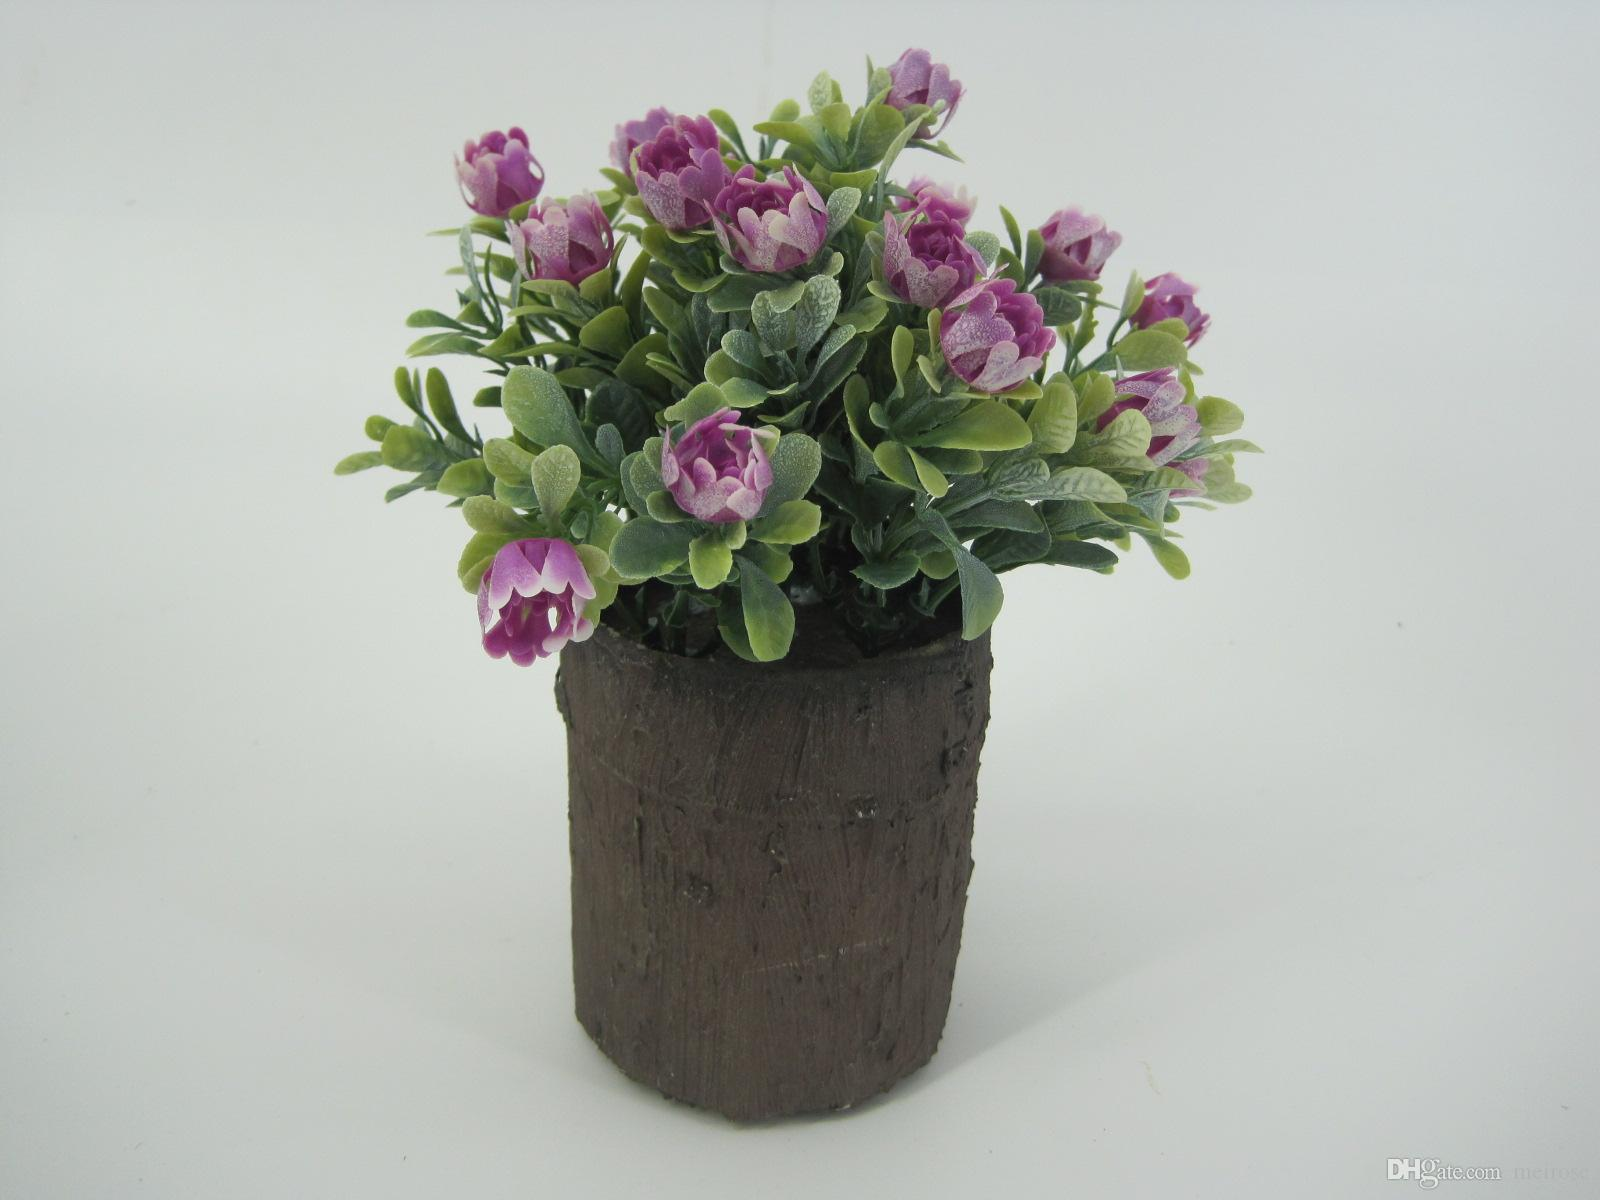 Mini Piante Artificiali con Rosa Selvatica in Legno Imitato Rotondo Pentole Tavolo Piante in vaso da fiori Garden Office Home Decor125-1044